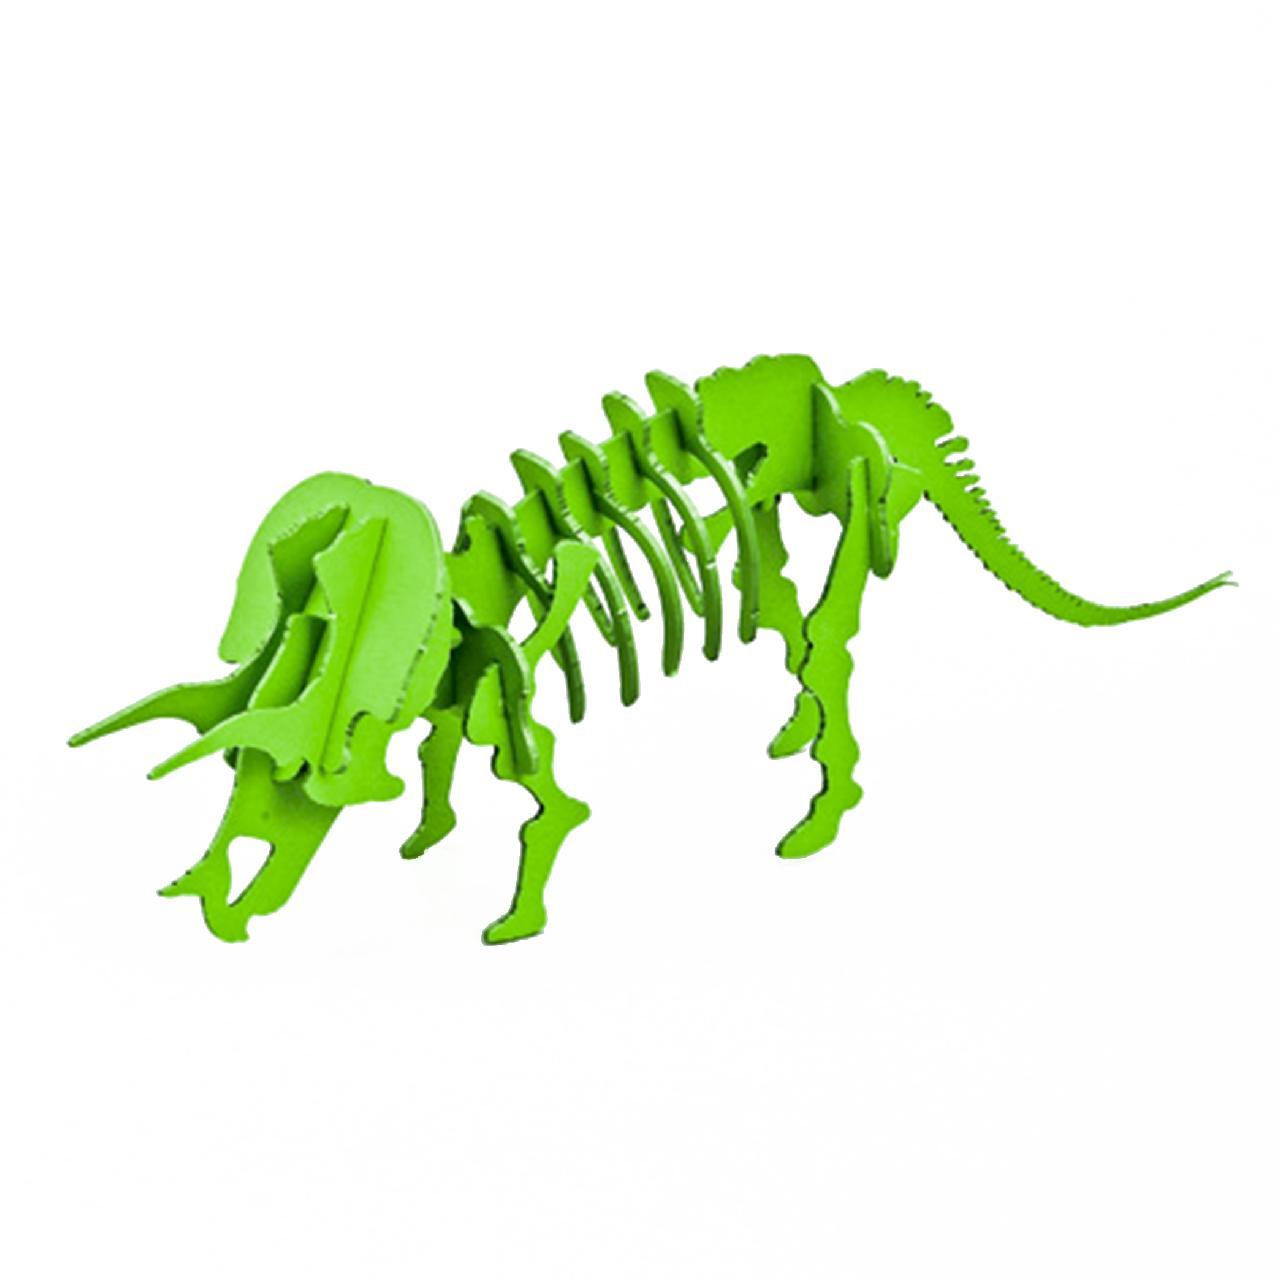 トリケラトプス【緑】☆